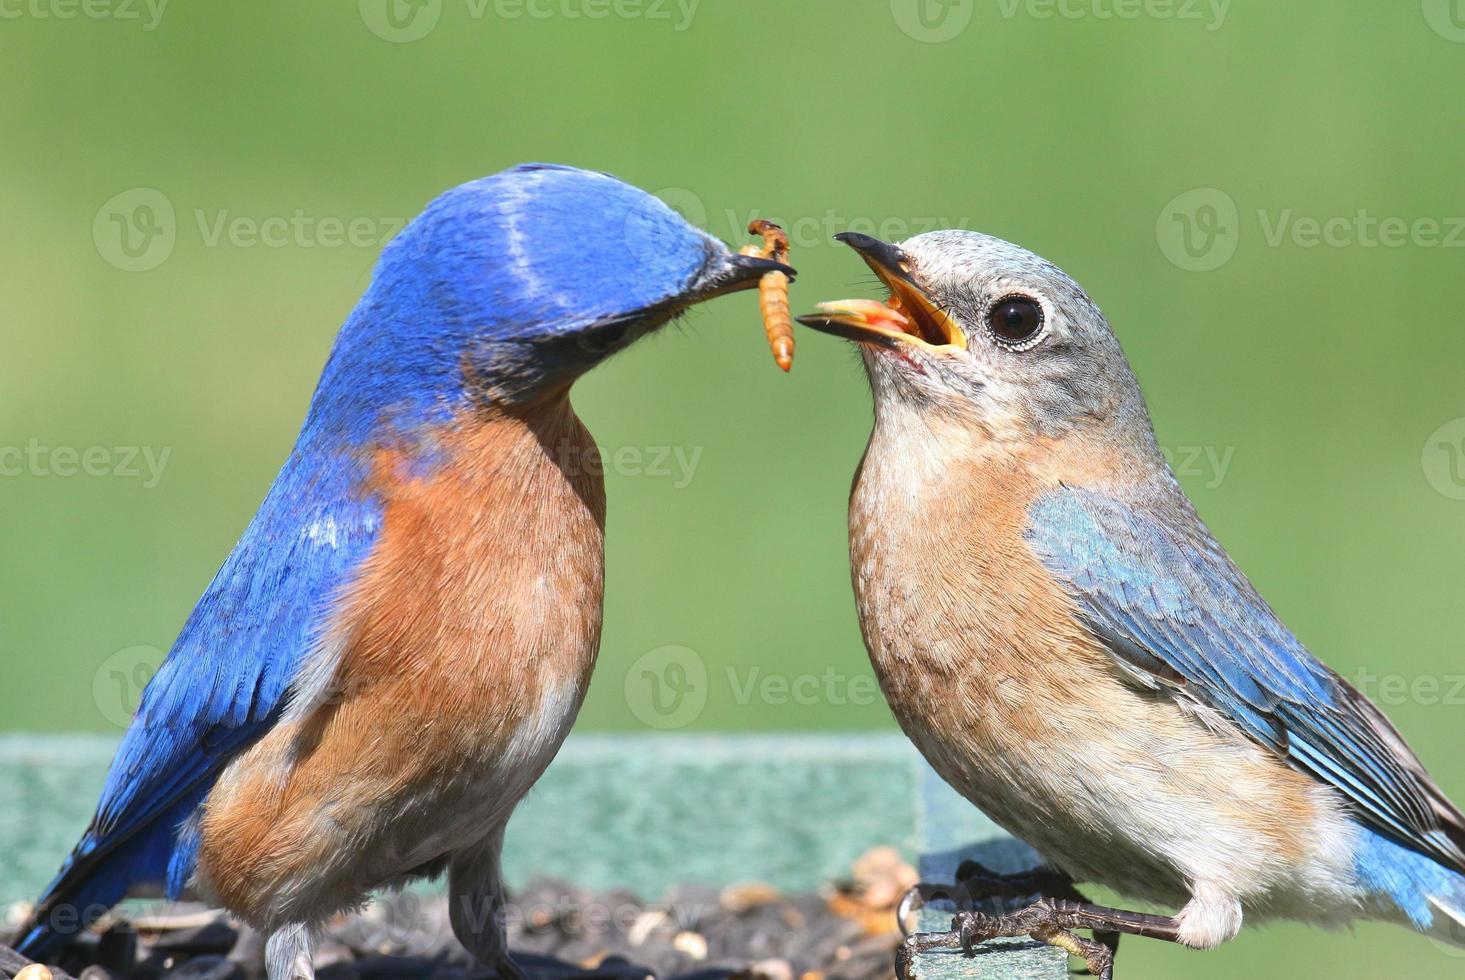 manlig och kvinnlig östra blåfågel foto